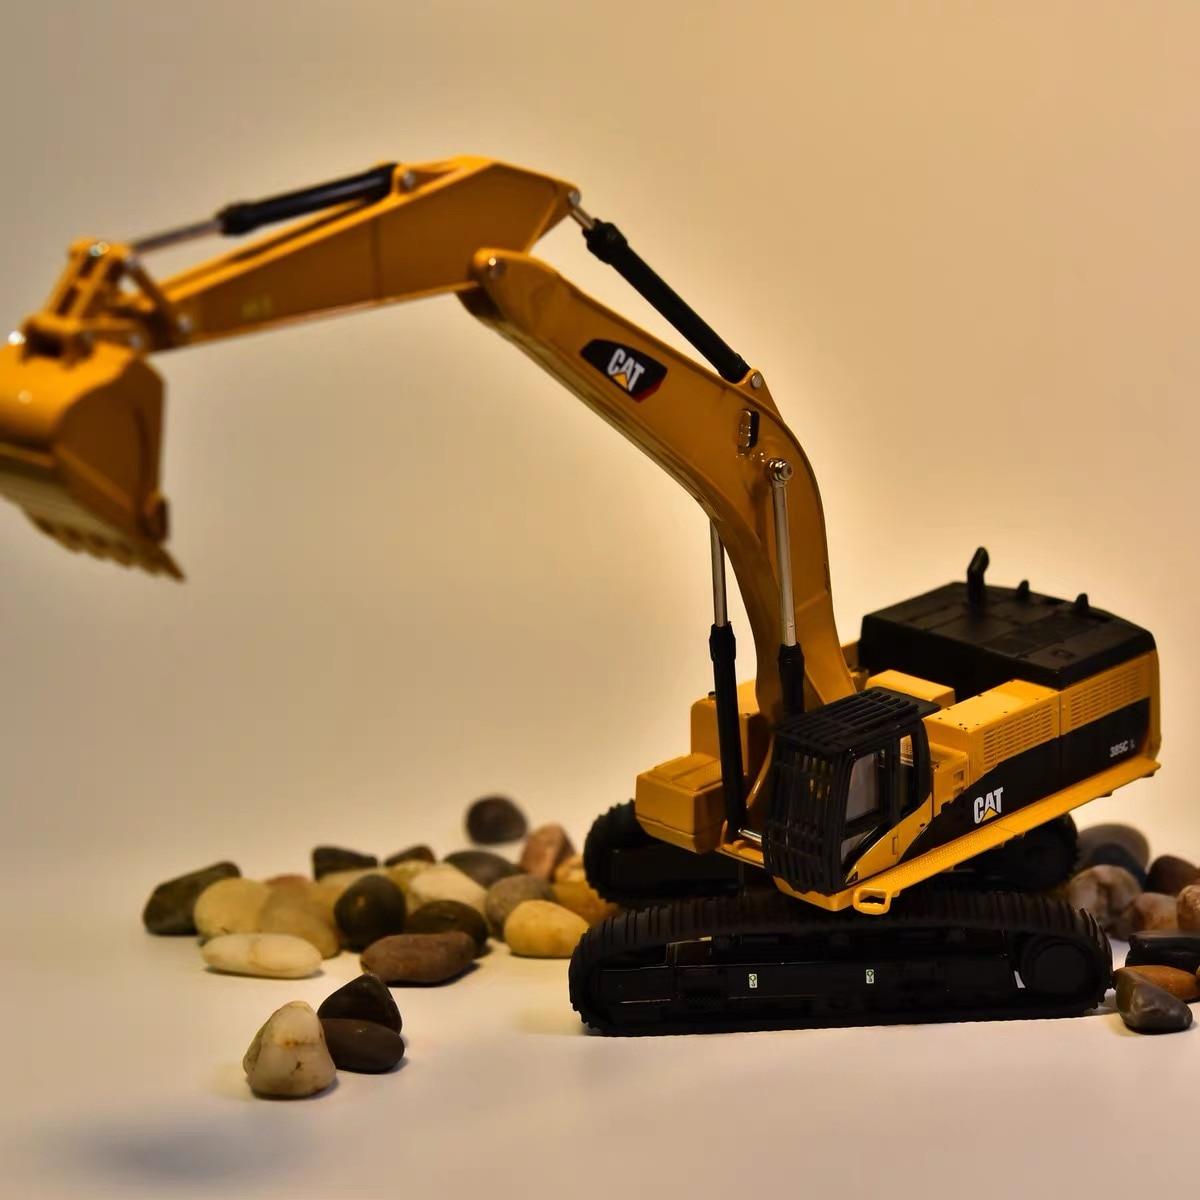 lagartas 164 cat 385c matel escavadeira hidraulica 04